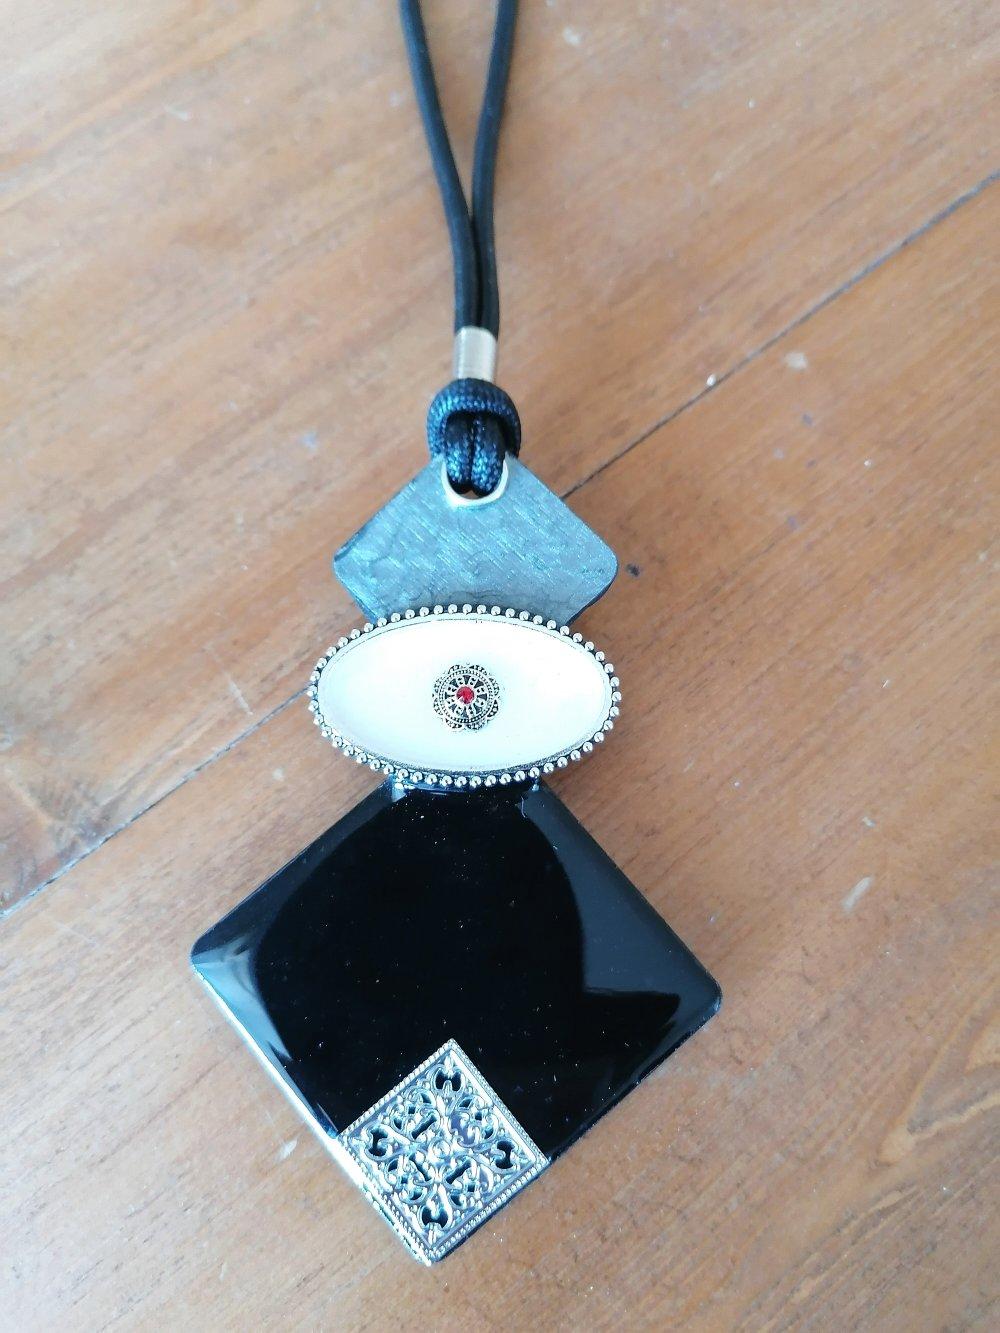 collier long noir argenté avec pendentif gépmétrique noir argenté en métal et bois résiné fait main,création unique